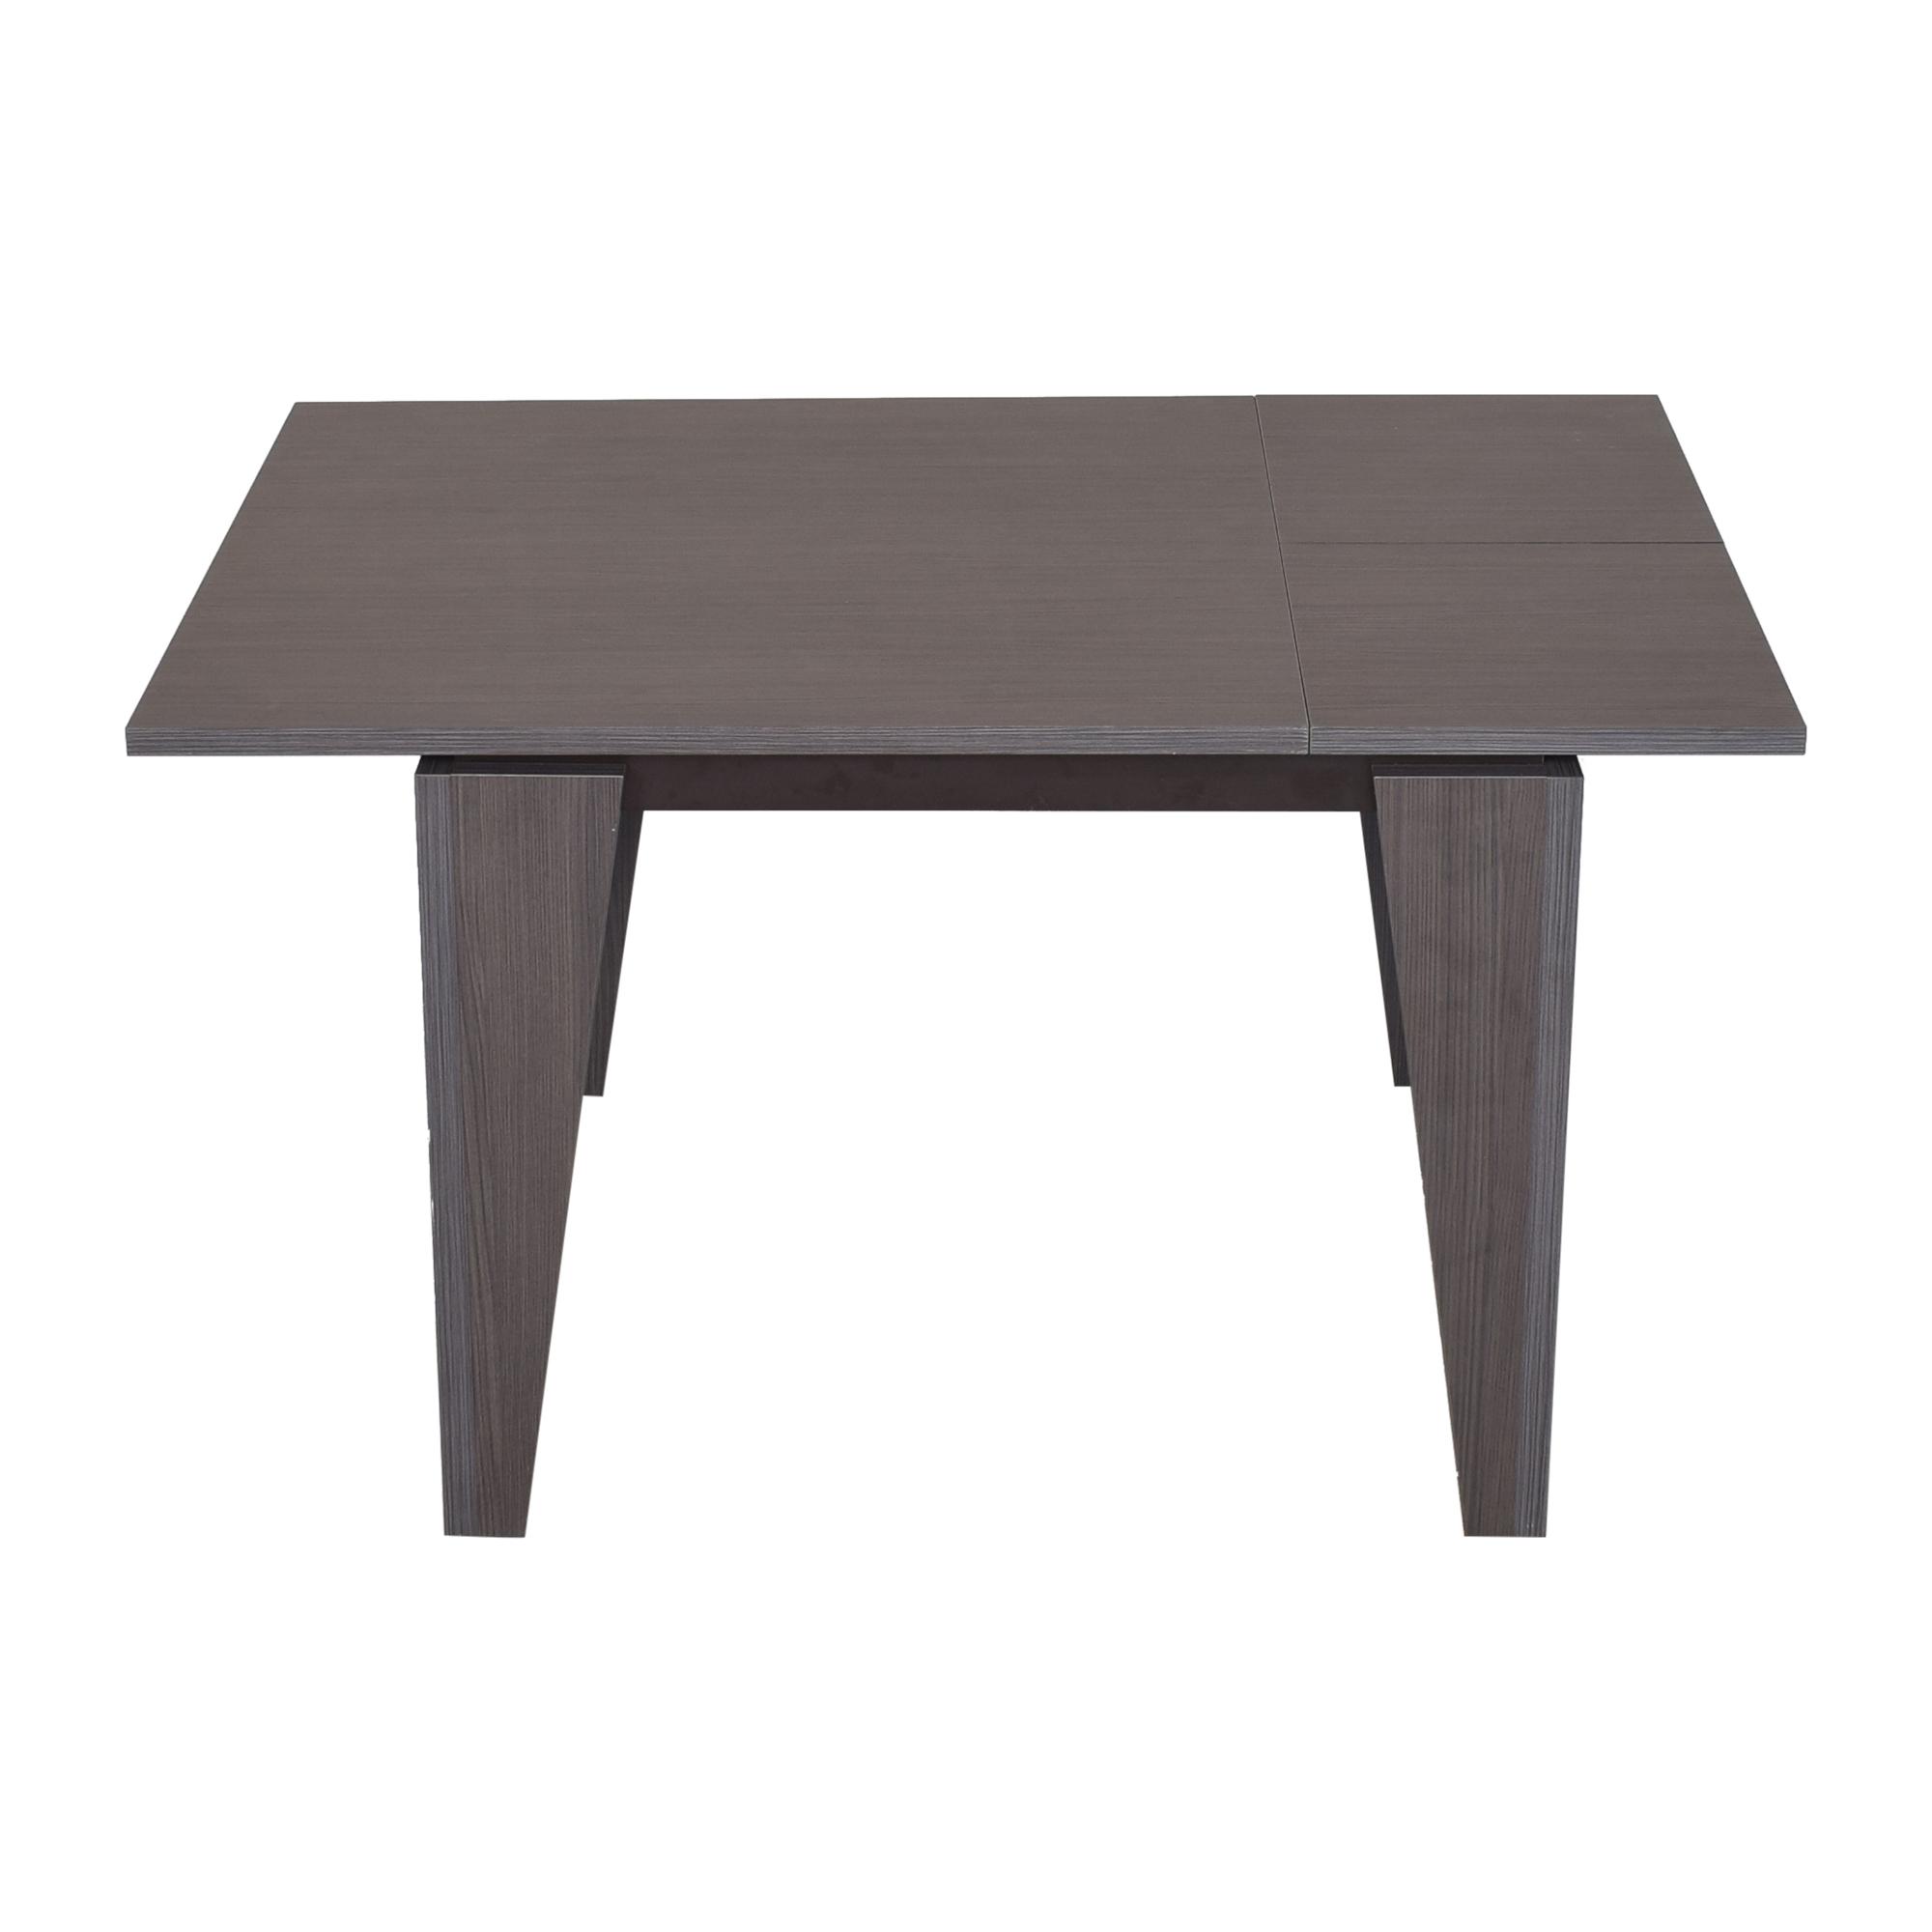 shop Lazzoni Terra Extendable Dining Table Lazzoni